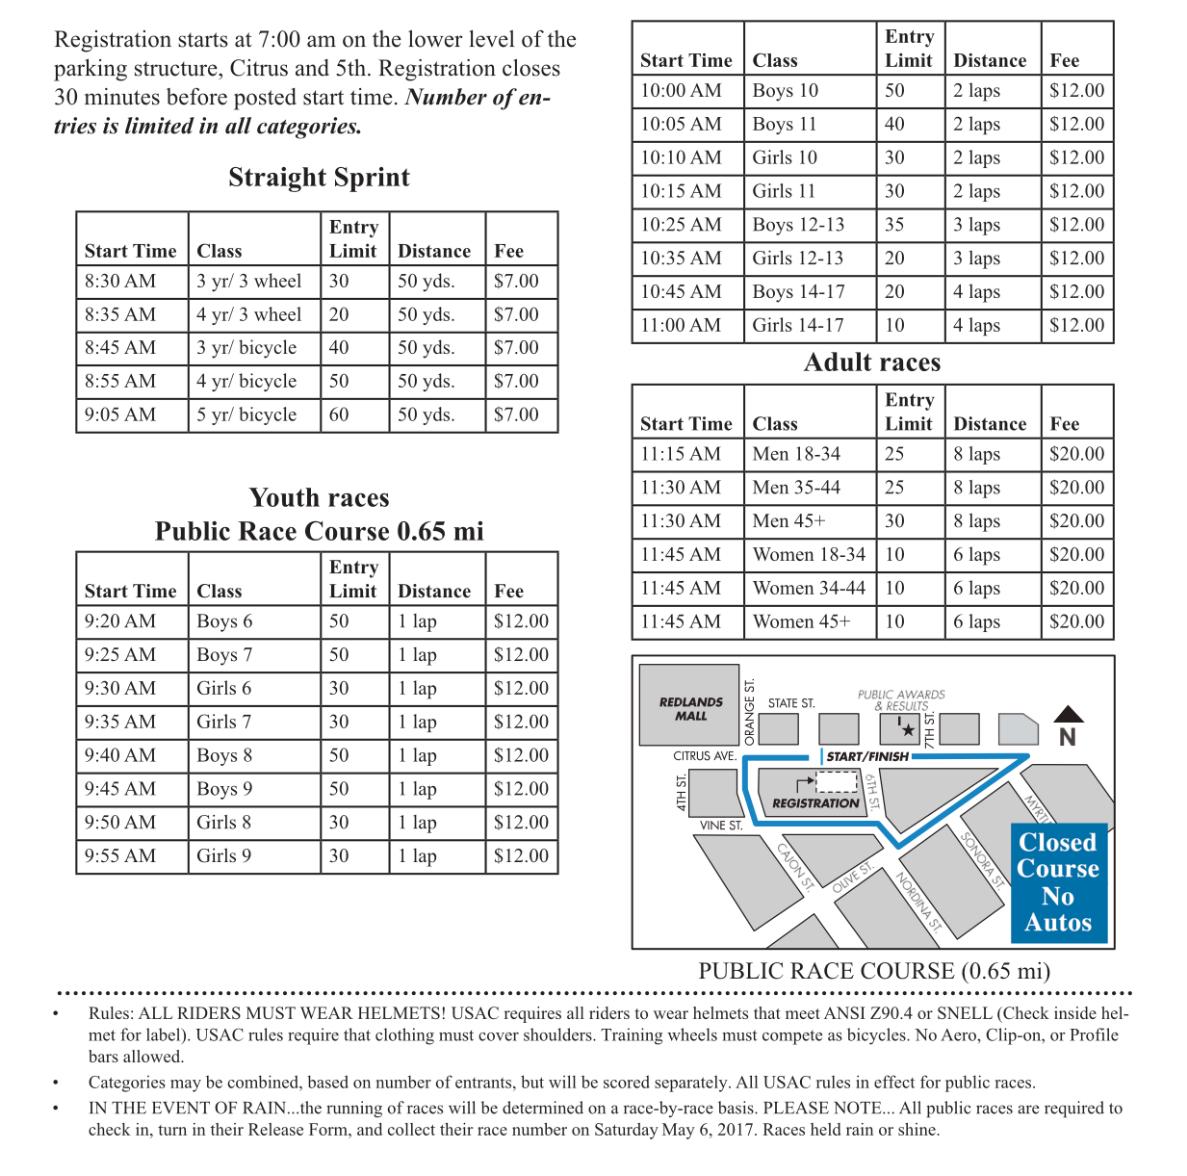 RBC 2016 Public Race Times